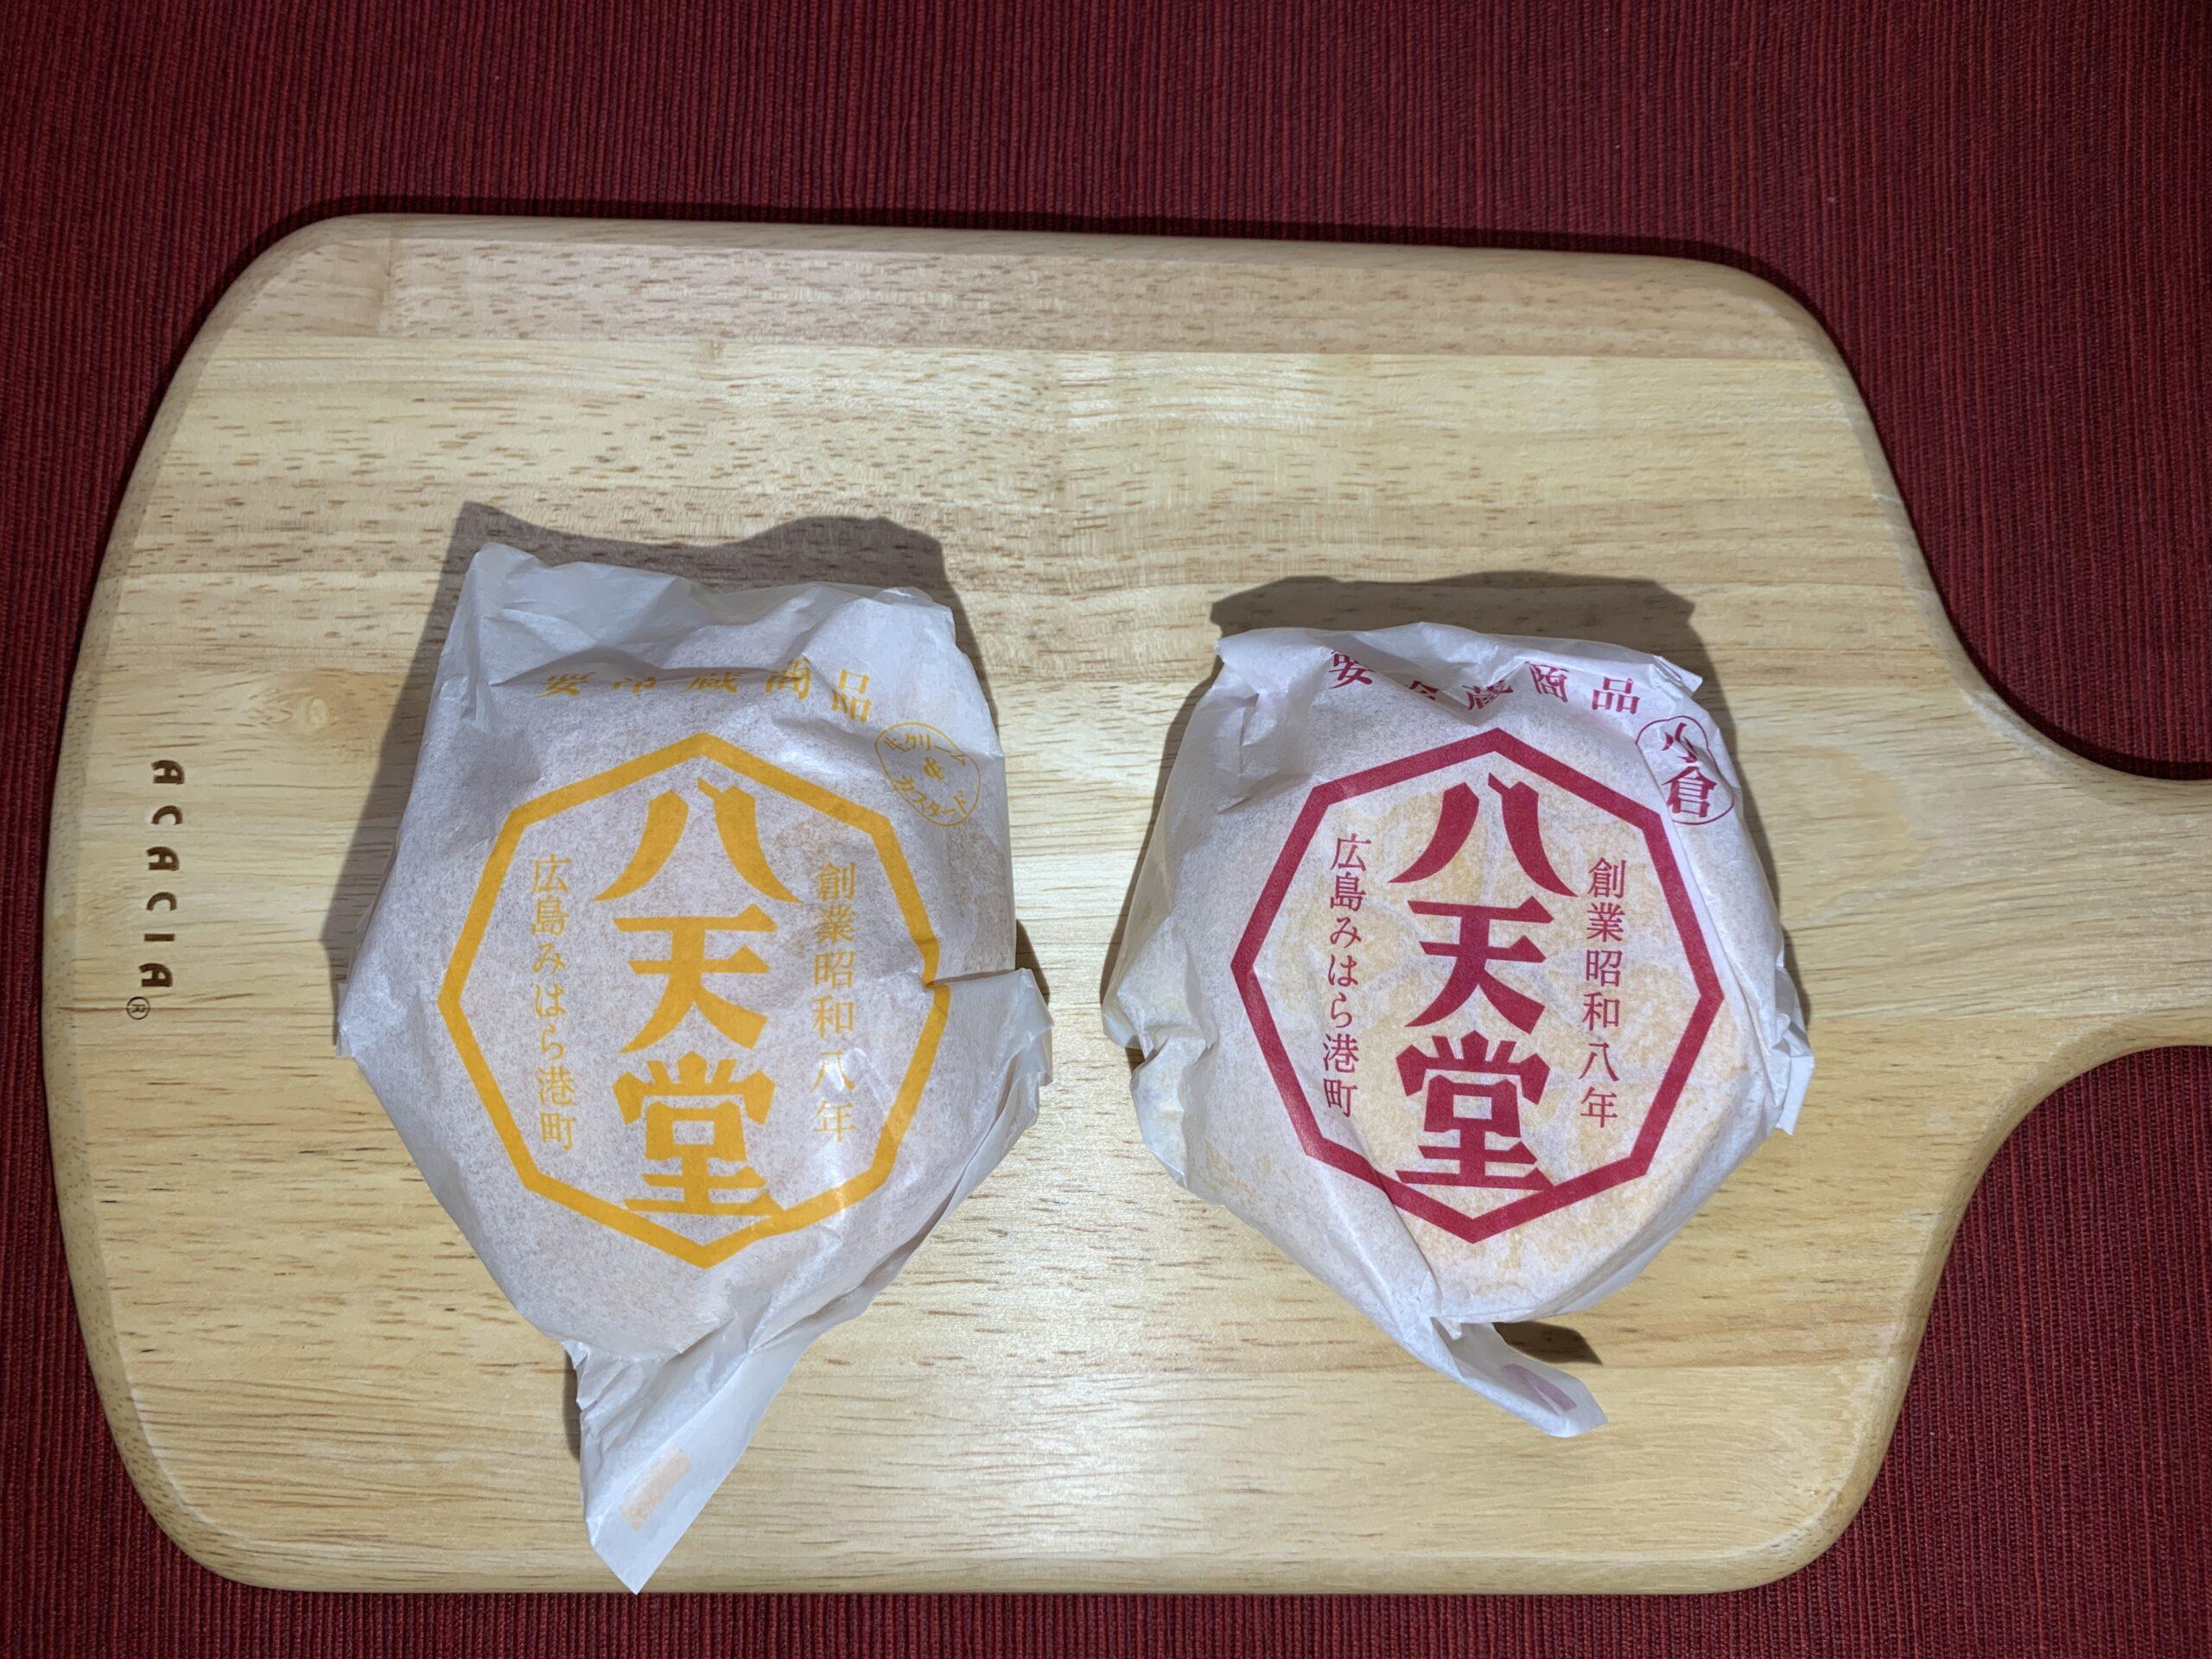 八天堂クリームパン(生クリーム&カスタード、小倉)の食べ比べ